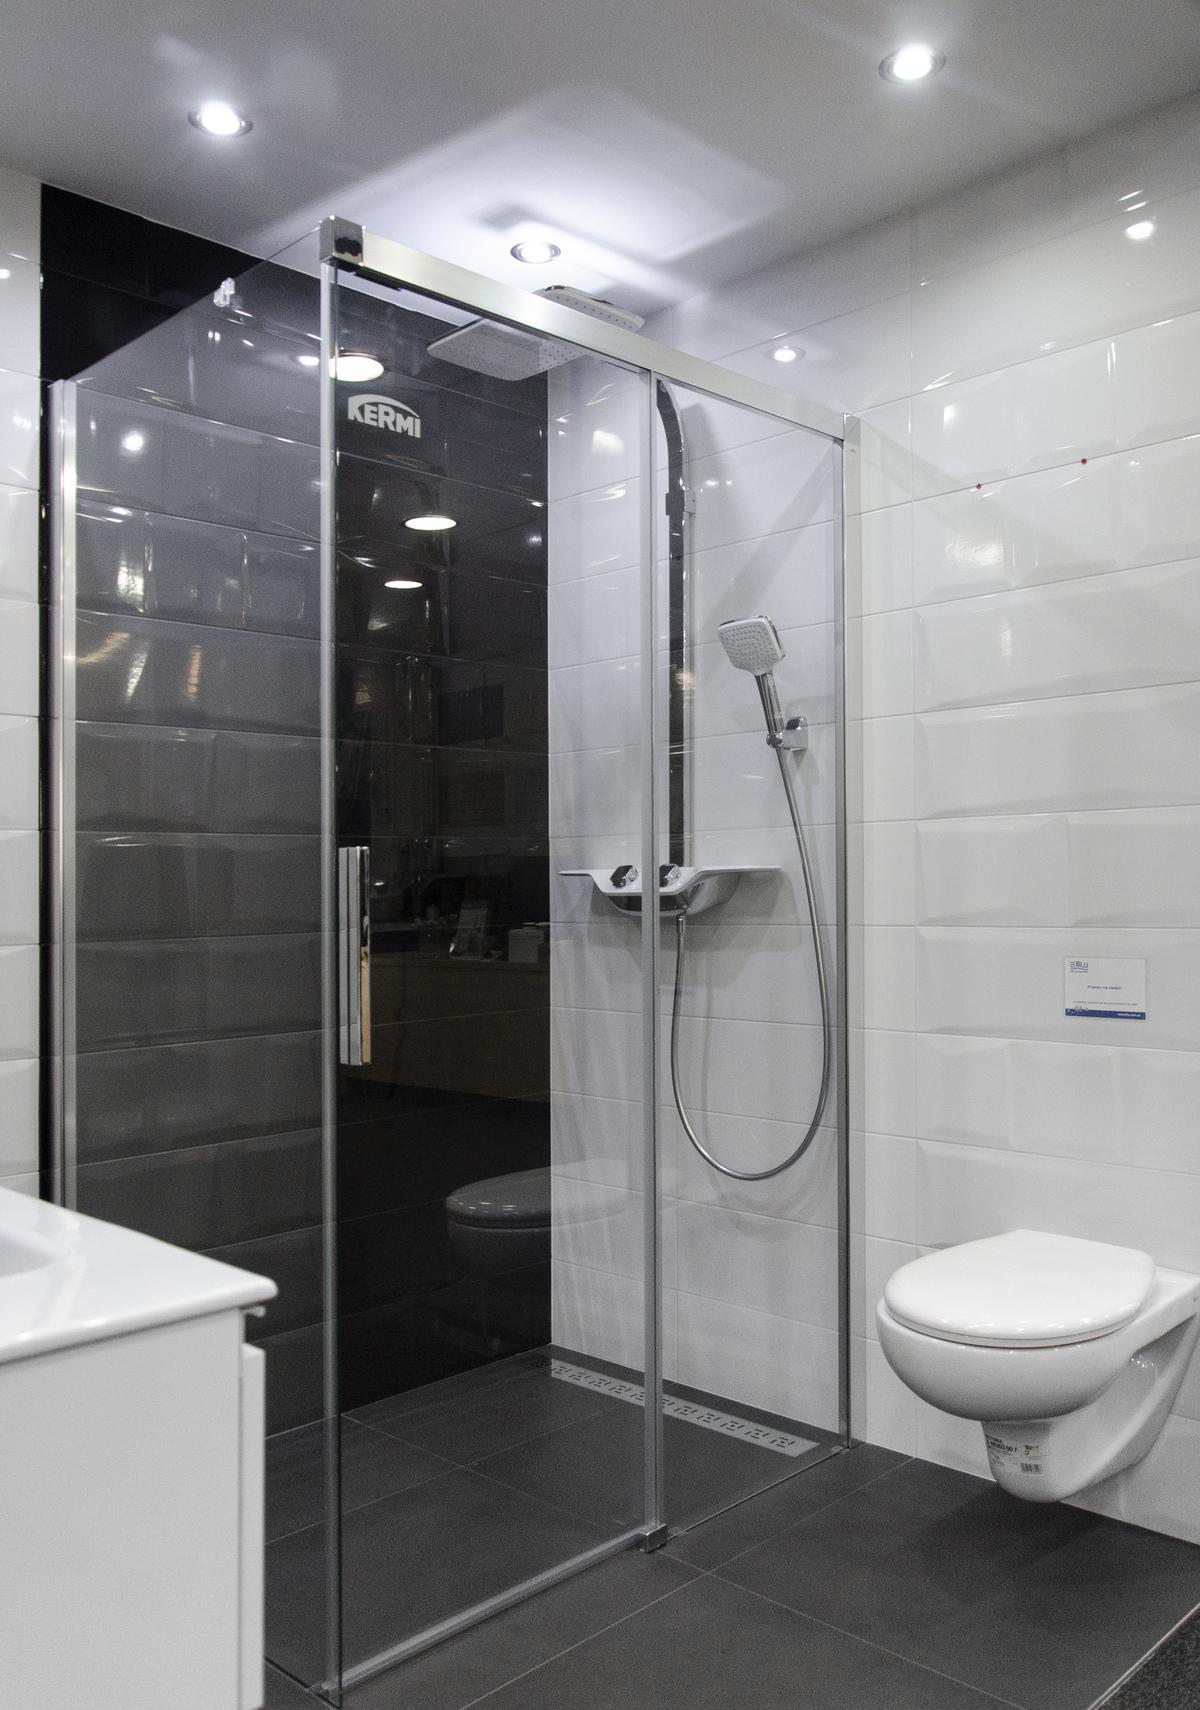 Aranżacja nowoczesnej biało-czarnej łazienki wykończonej kafelkami - zdjęcie od BLU salon łazienek Kołobrzeg